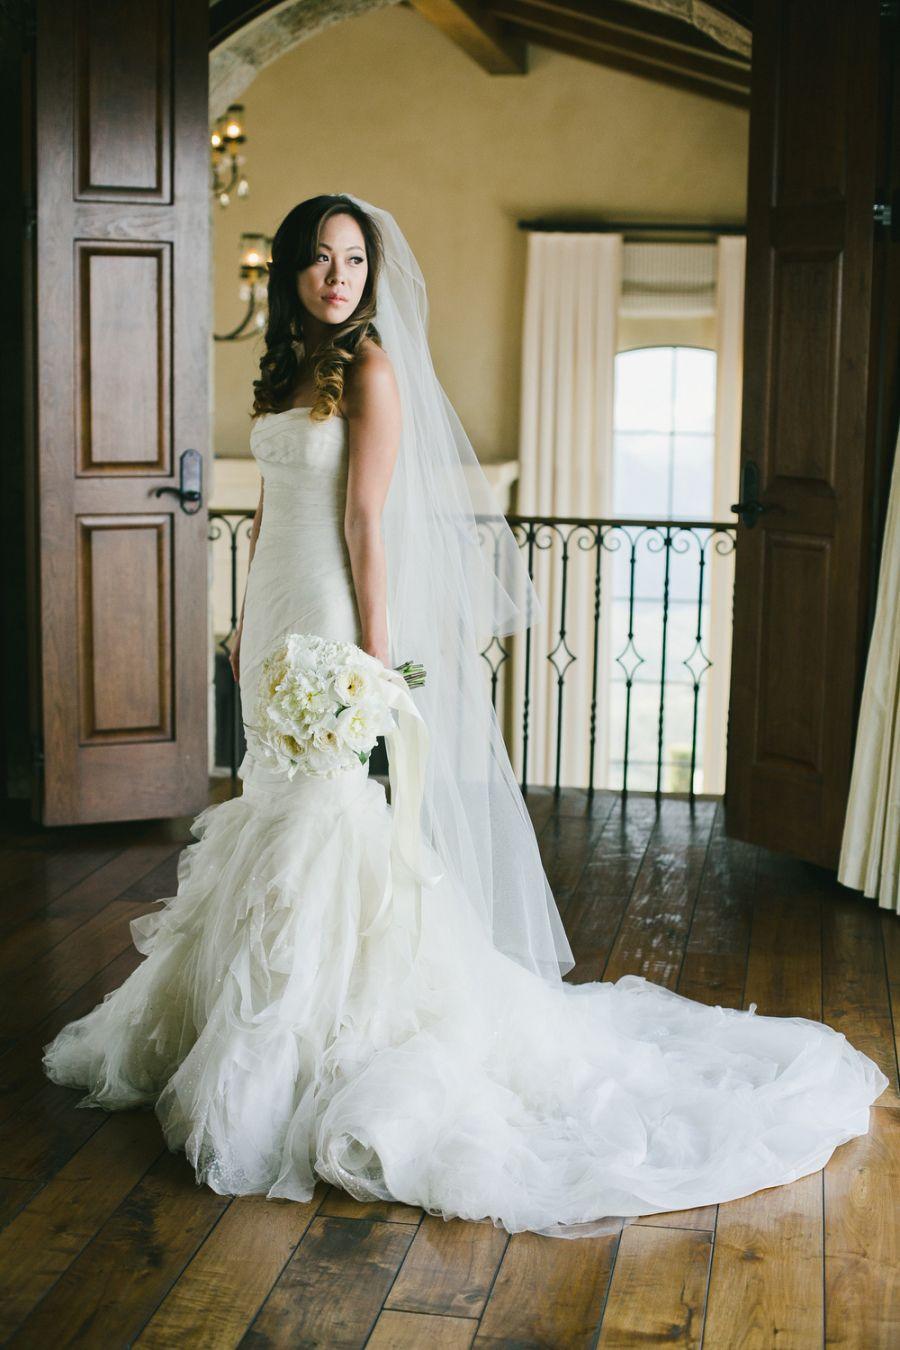 Malibu Mountaintop Vineyard Wedding | Mariquita, Vestidos de novia y ...